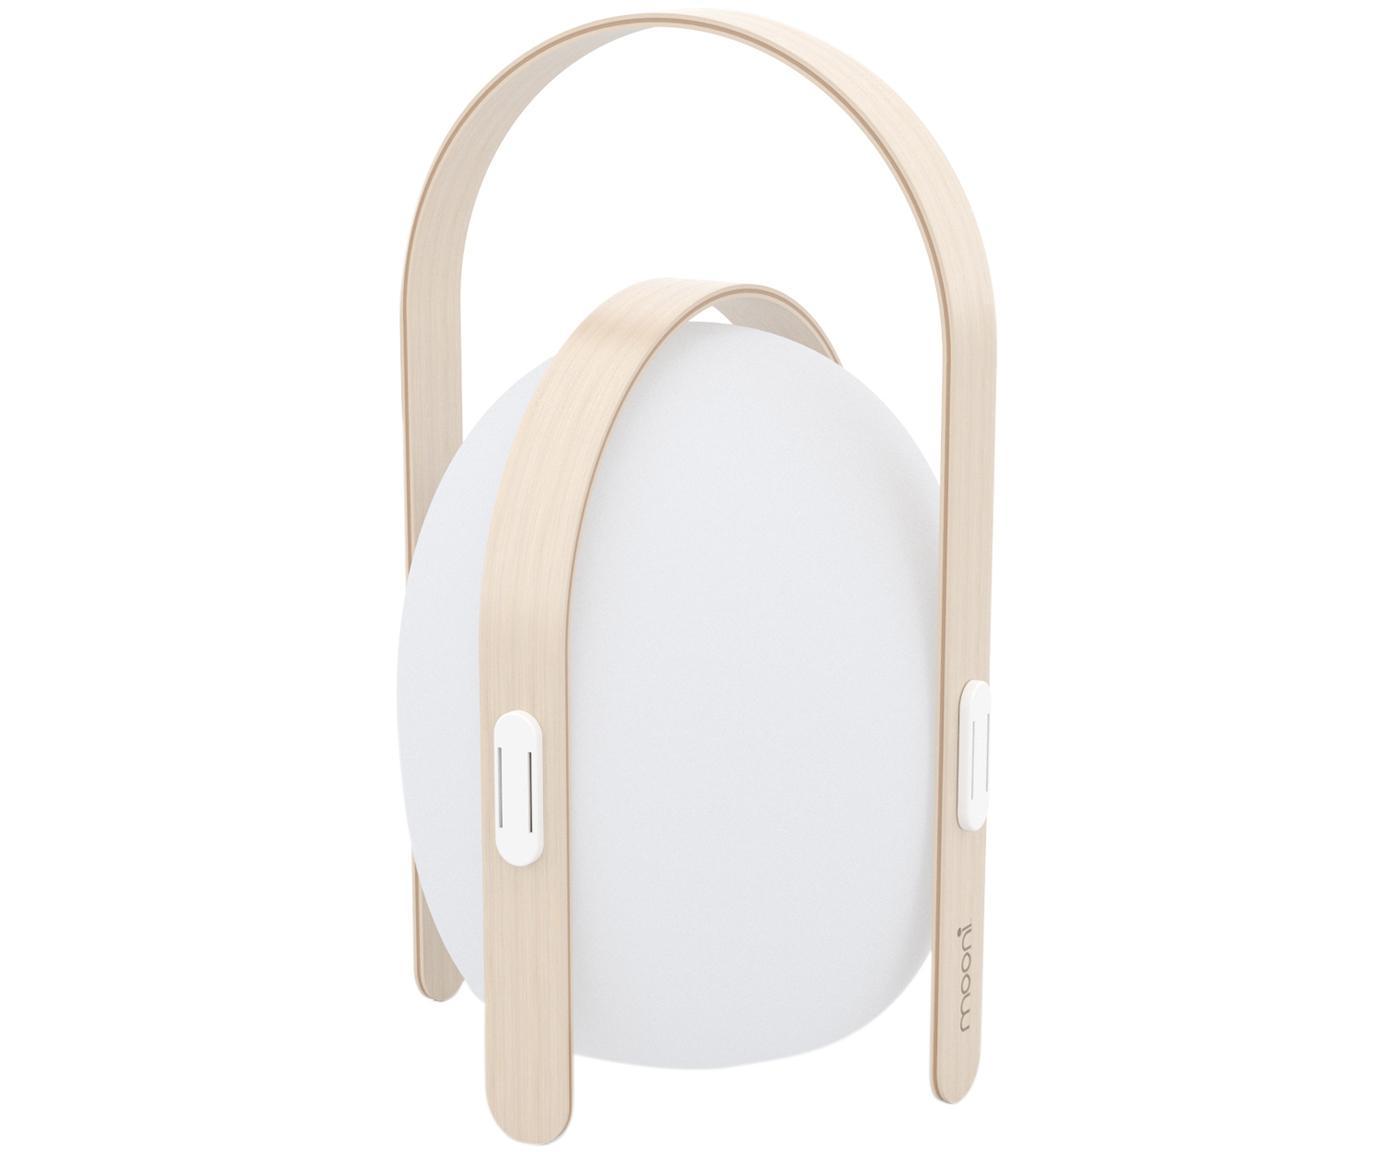 Lámpara LED para exterior Ovo, portátil, Pantalla: plástico, Estructura: madera de olmo con chapa , Blanco, beige, Ø 24 x Al 39 cm